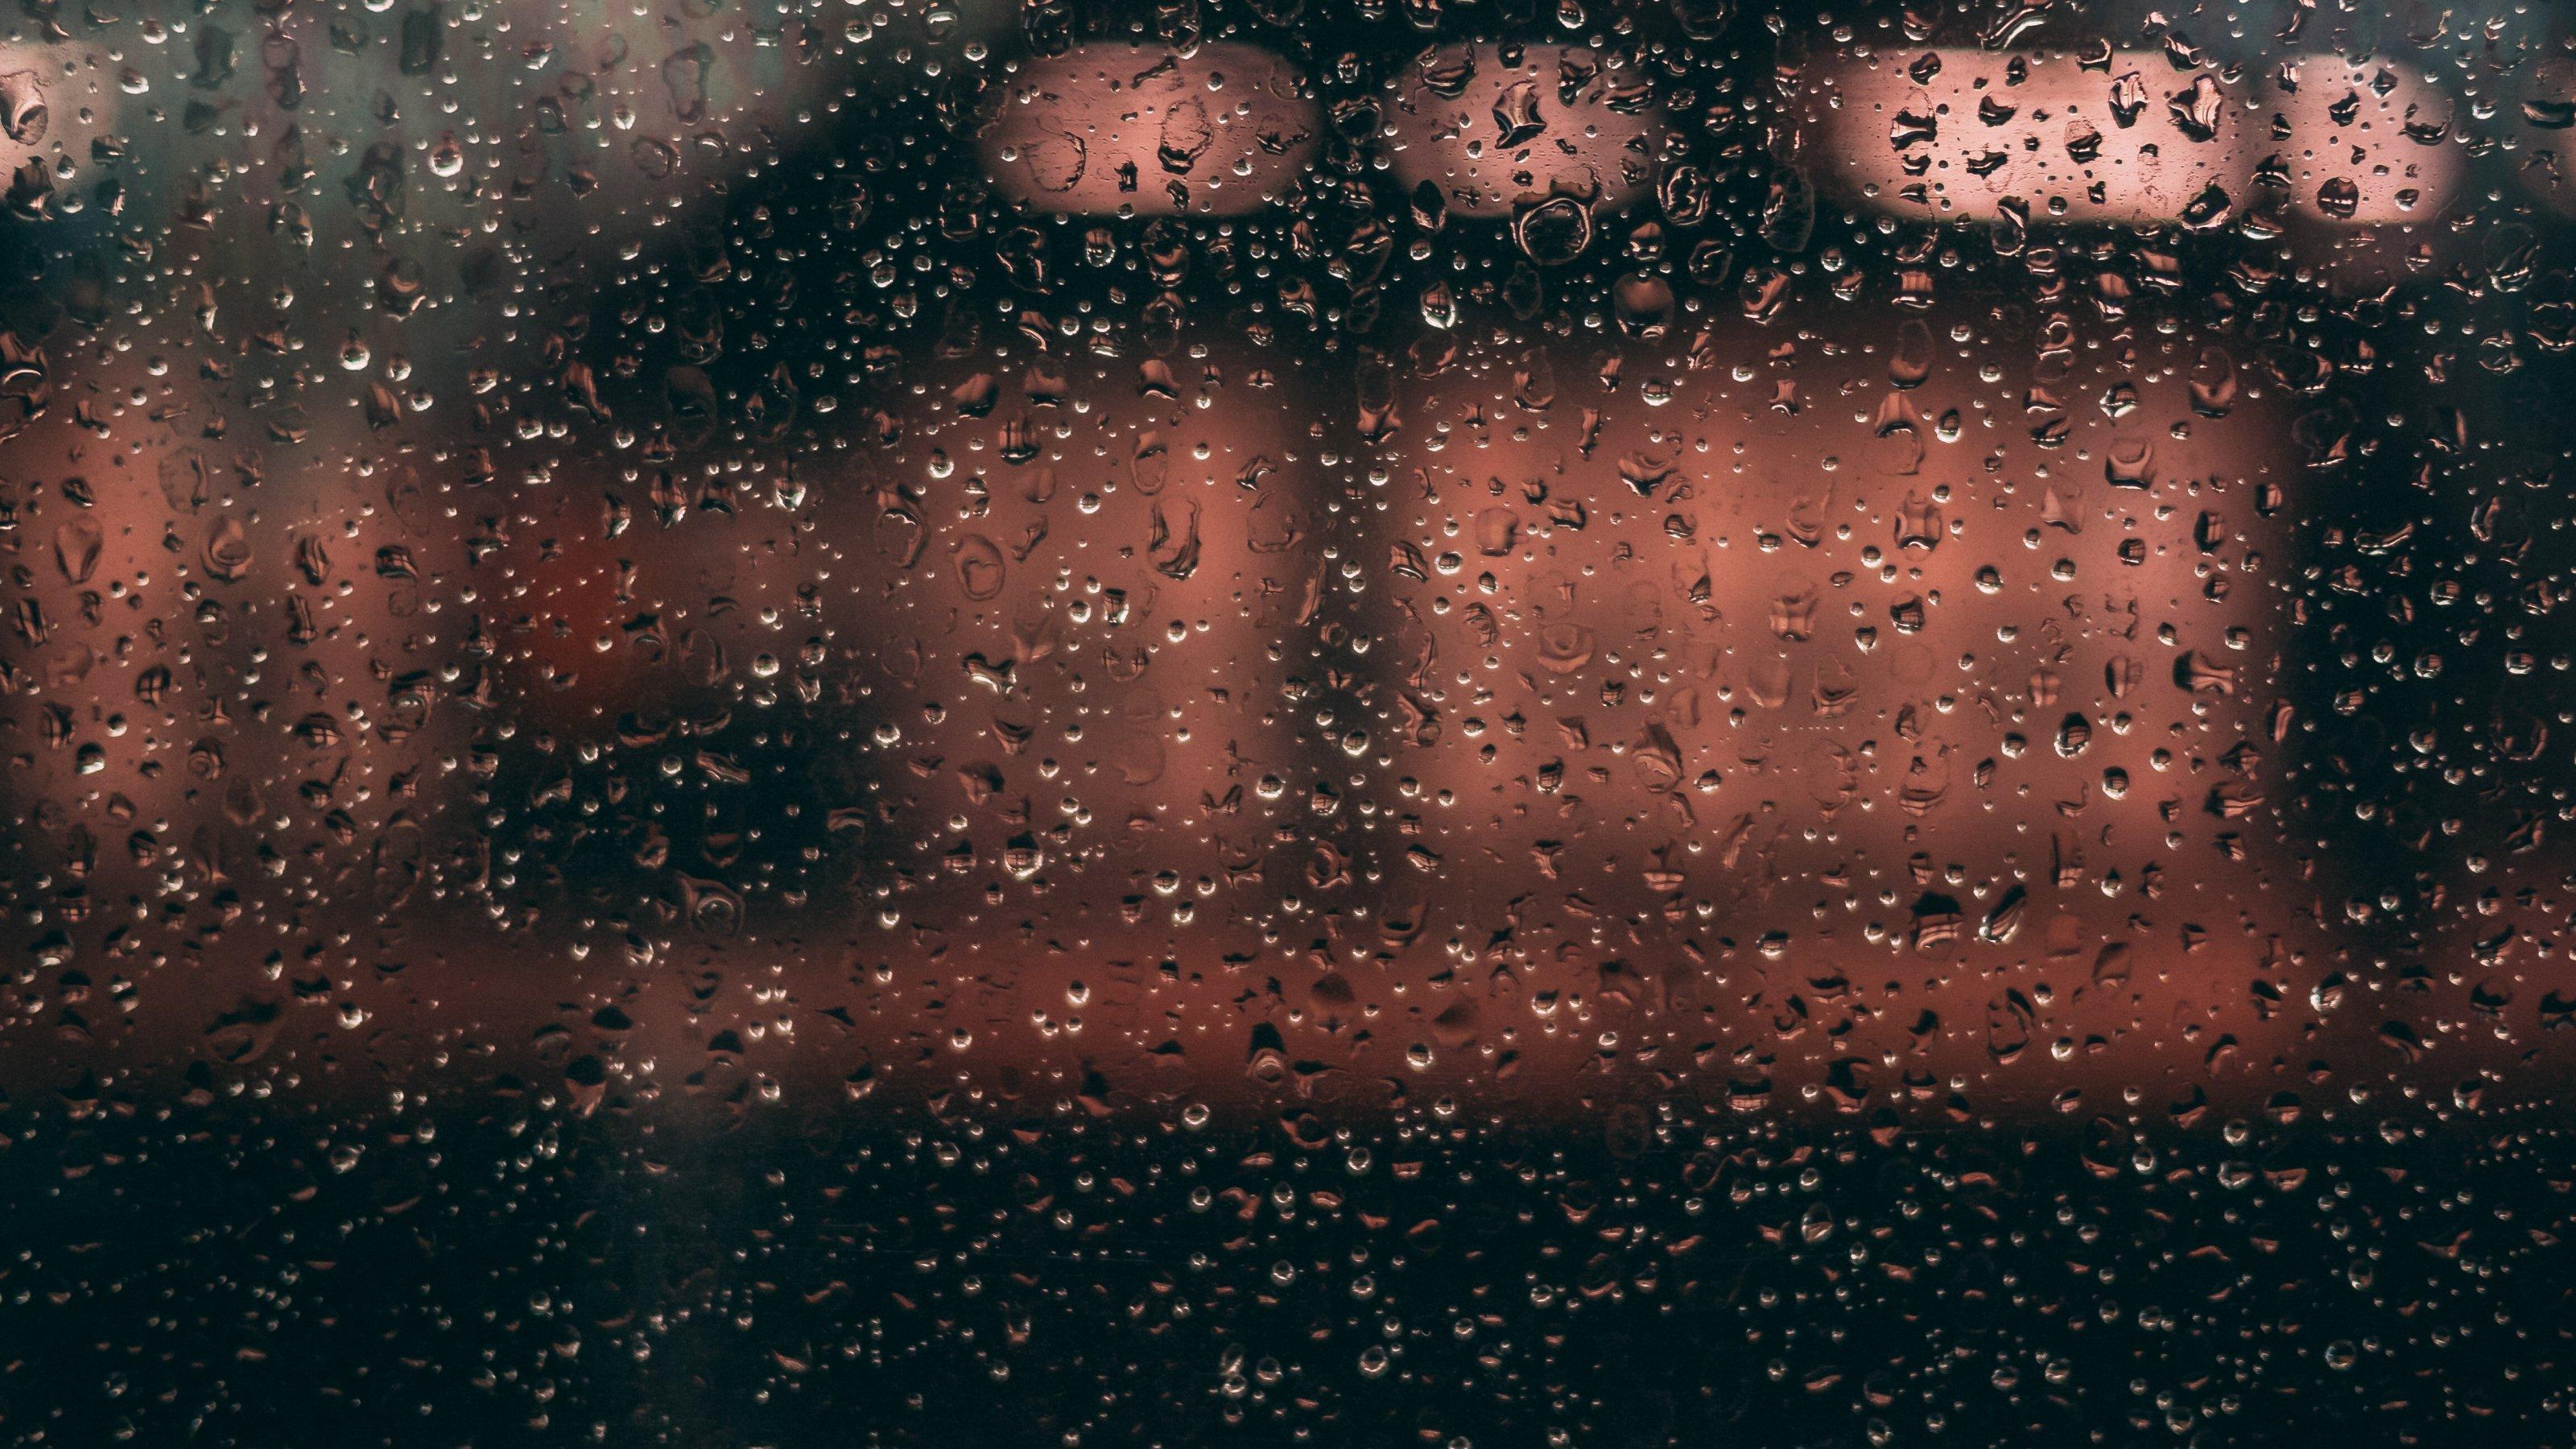 Durch eine mit Regentropfen übersäte Fensterscheibe sind unscharf die rötlichen Lichter zu erkennen, die auf einem nahen Gebäude scheinen. das Bild vermittelt das Gefühl von Isoliertheit und Abgeschiedenheit.